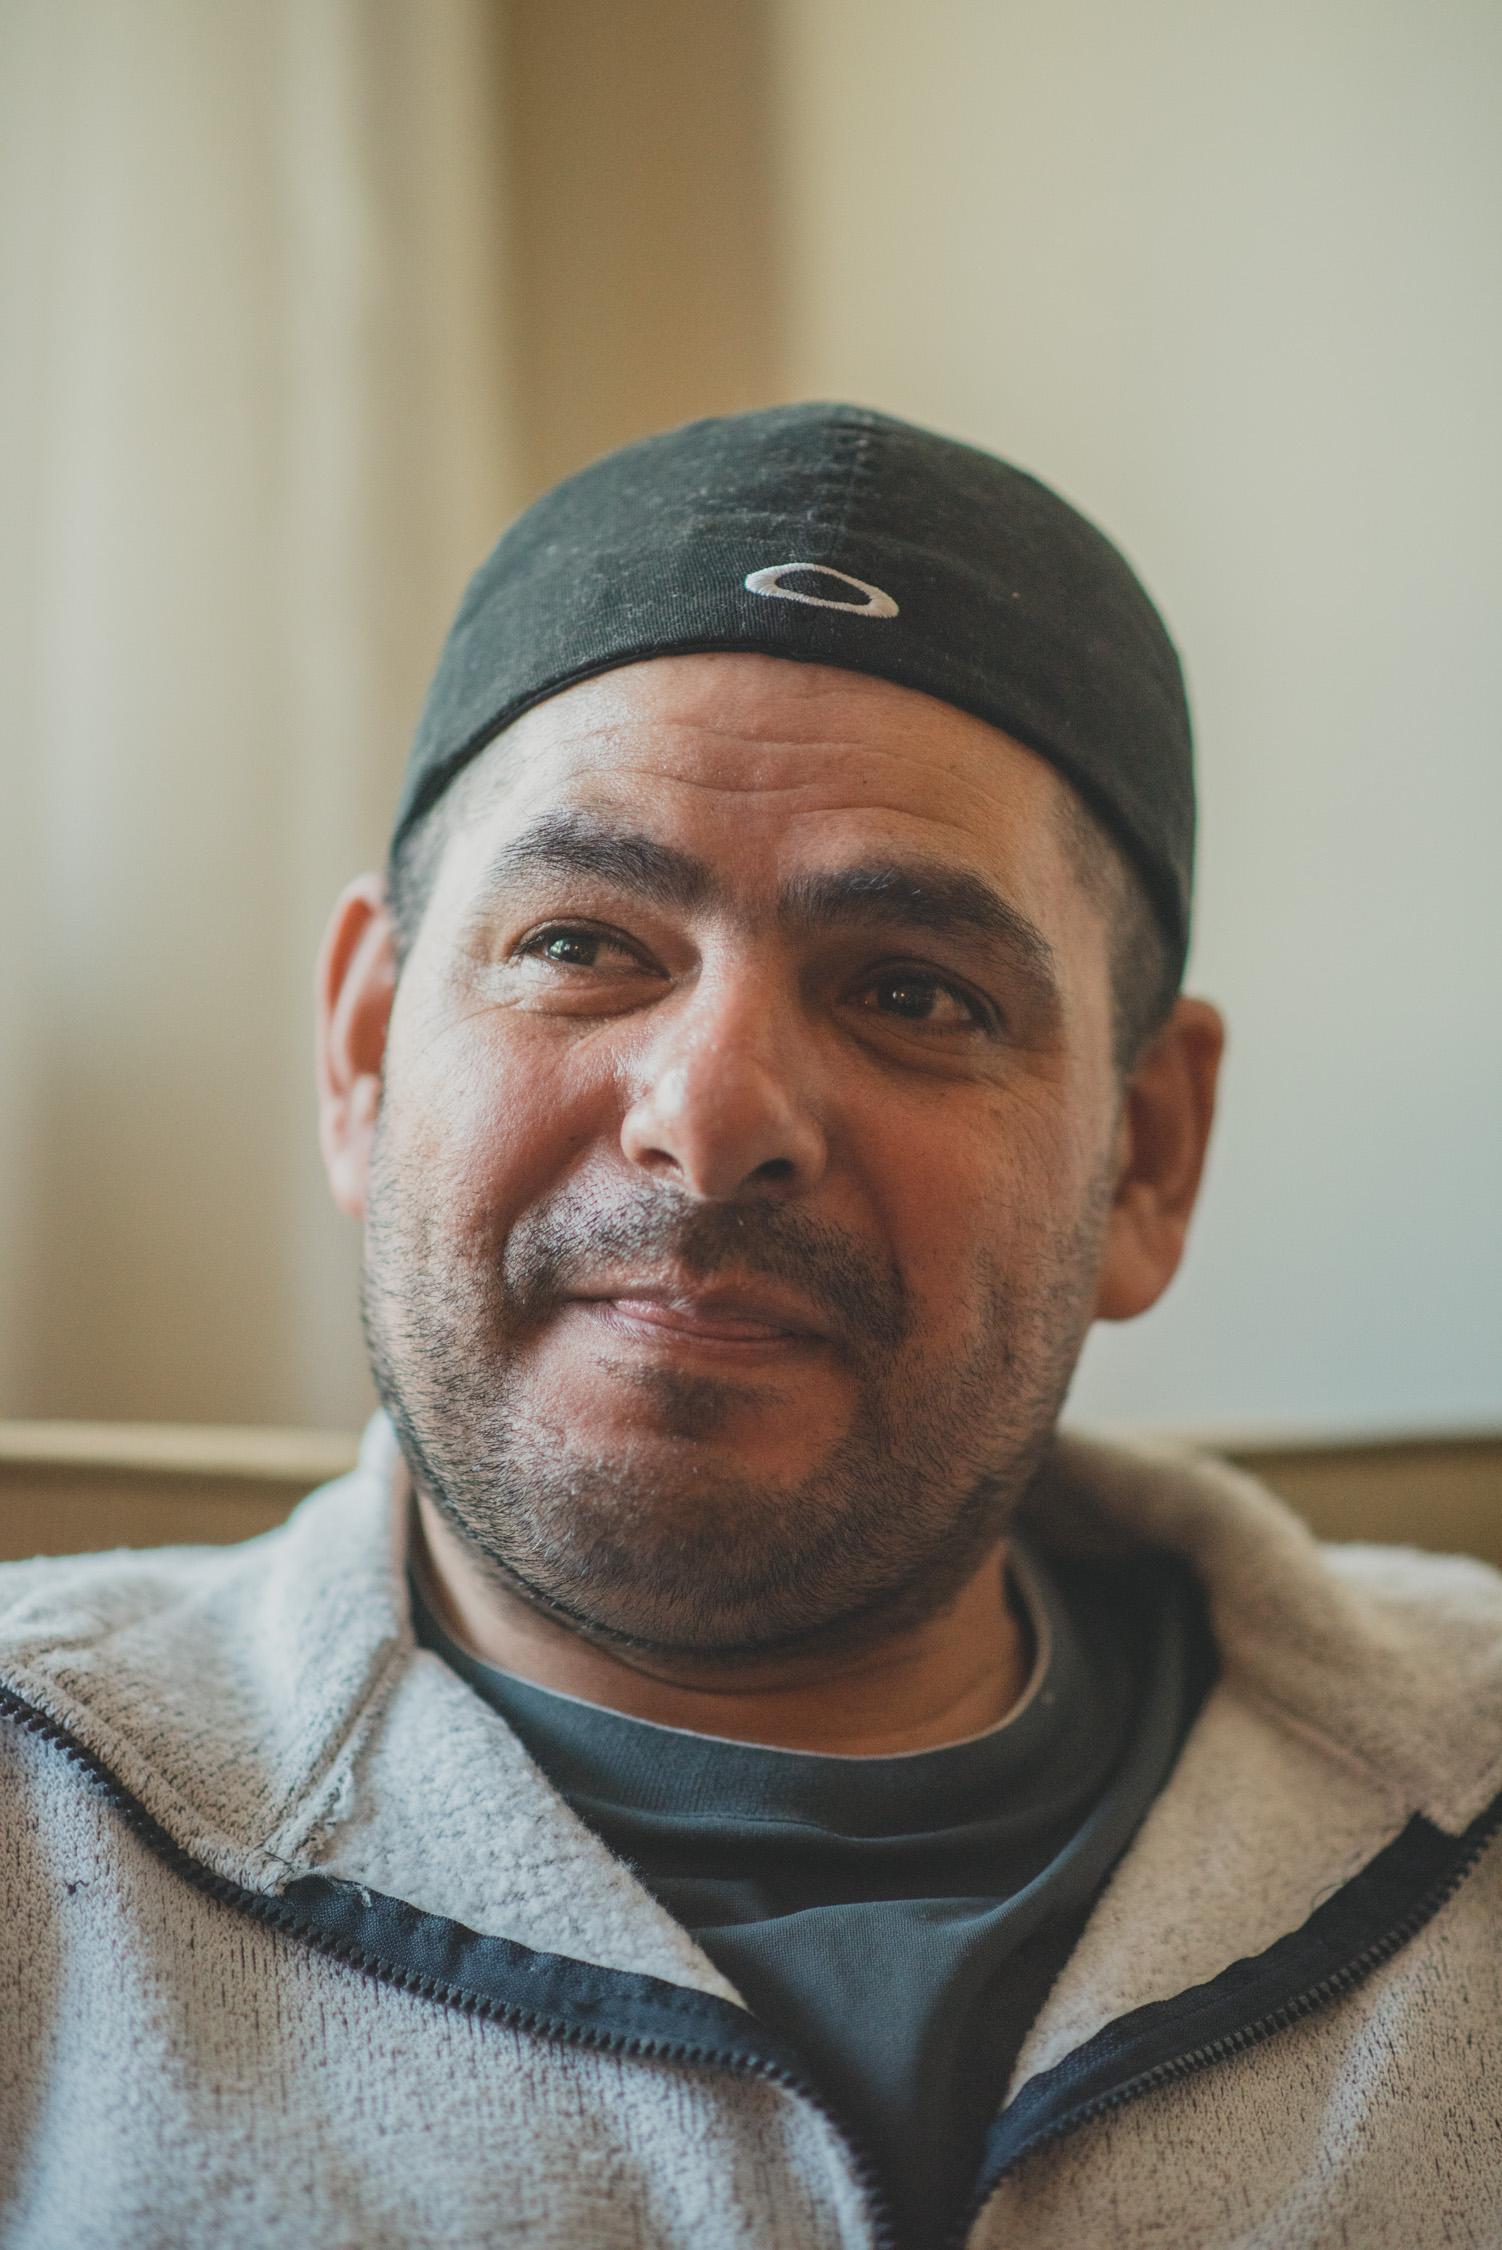 José, a volunteer and former guest at Casa de Paz.